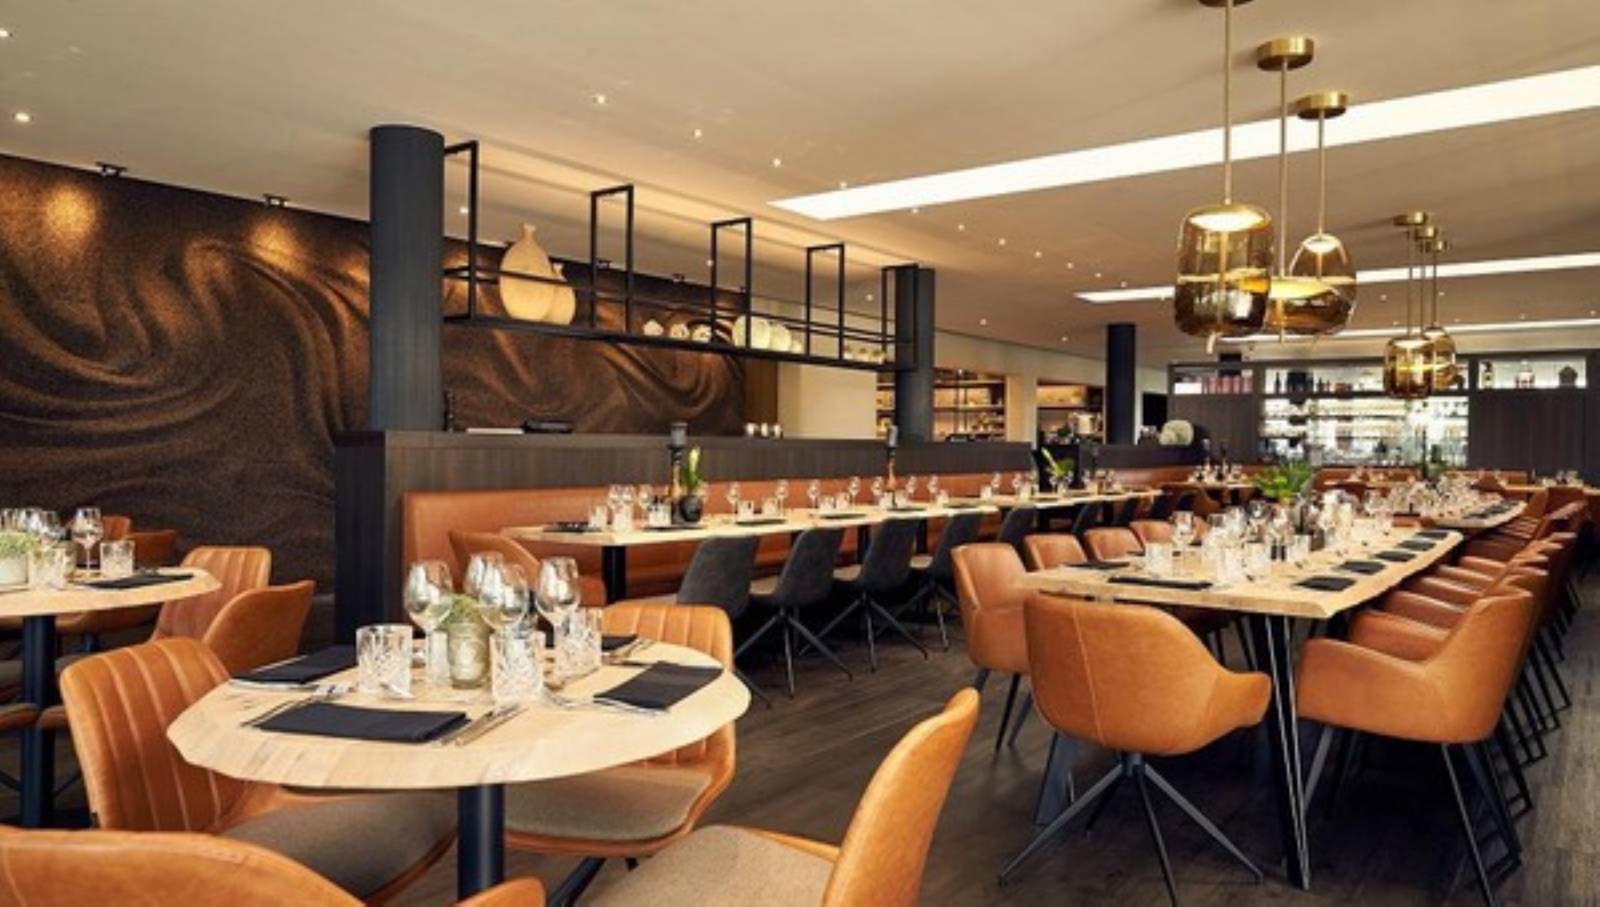 Feestzaal - Hotel Van der Valk Beveren -House of Events (1)